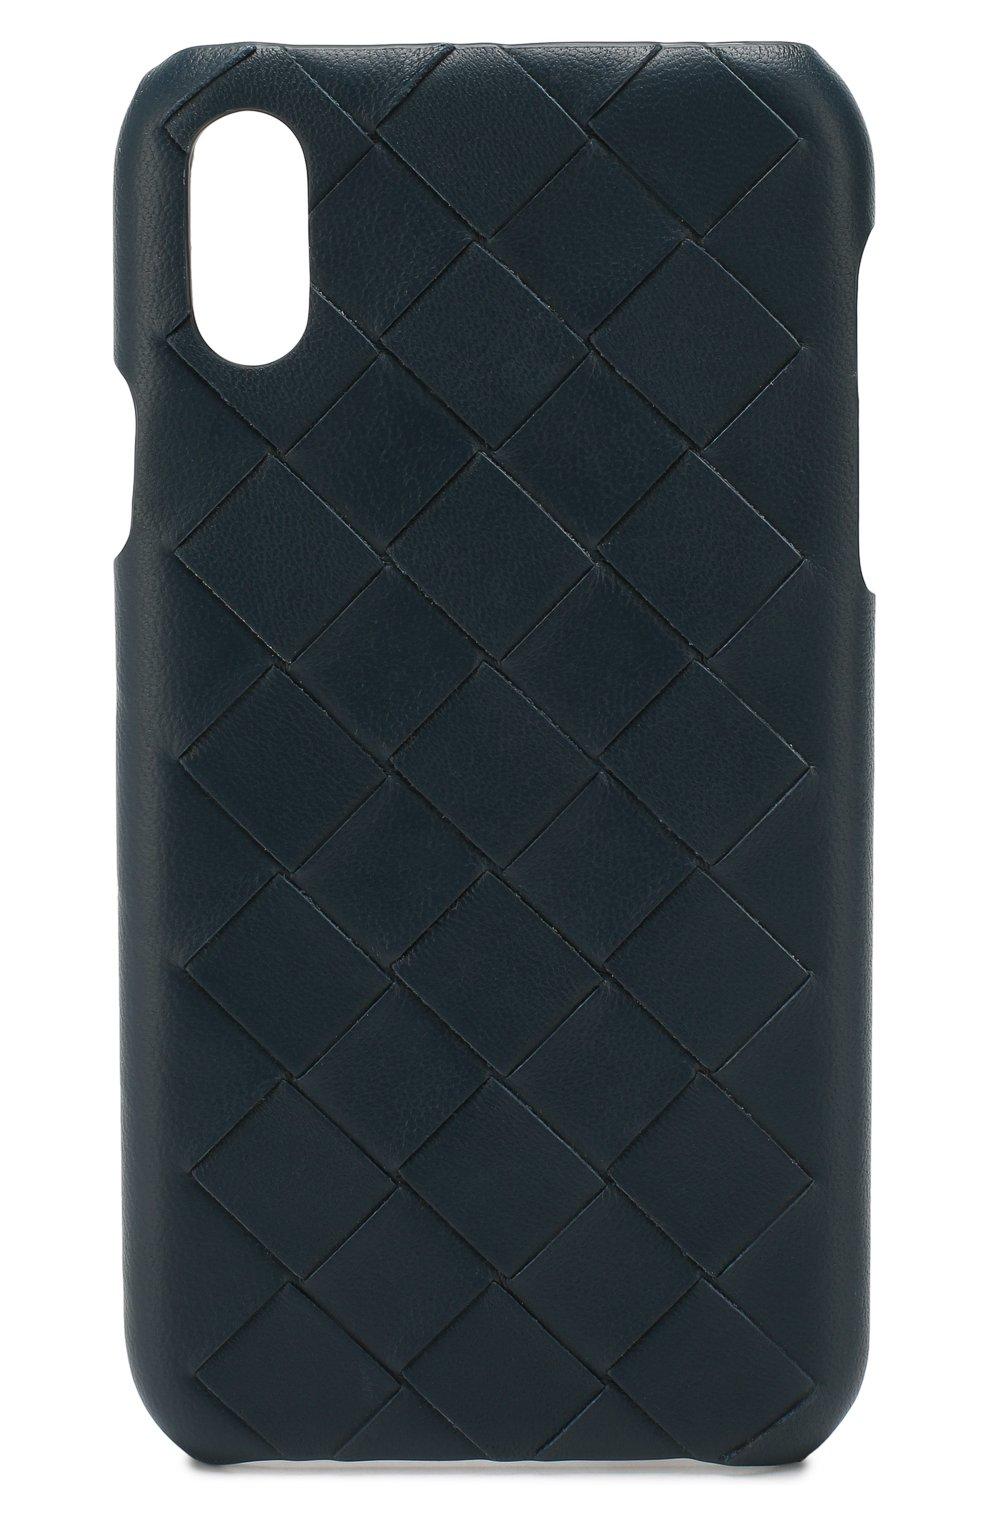 Мужской кожаный чехол для iphone xr BOTTEGA VENETA синего цвета, арт. 592063/V00BL | Фото 1